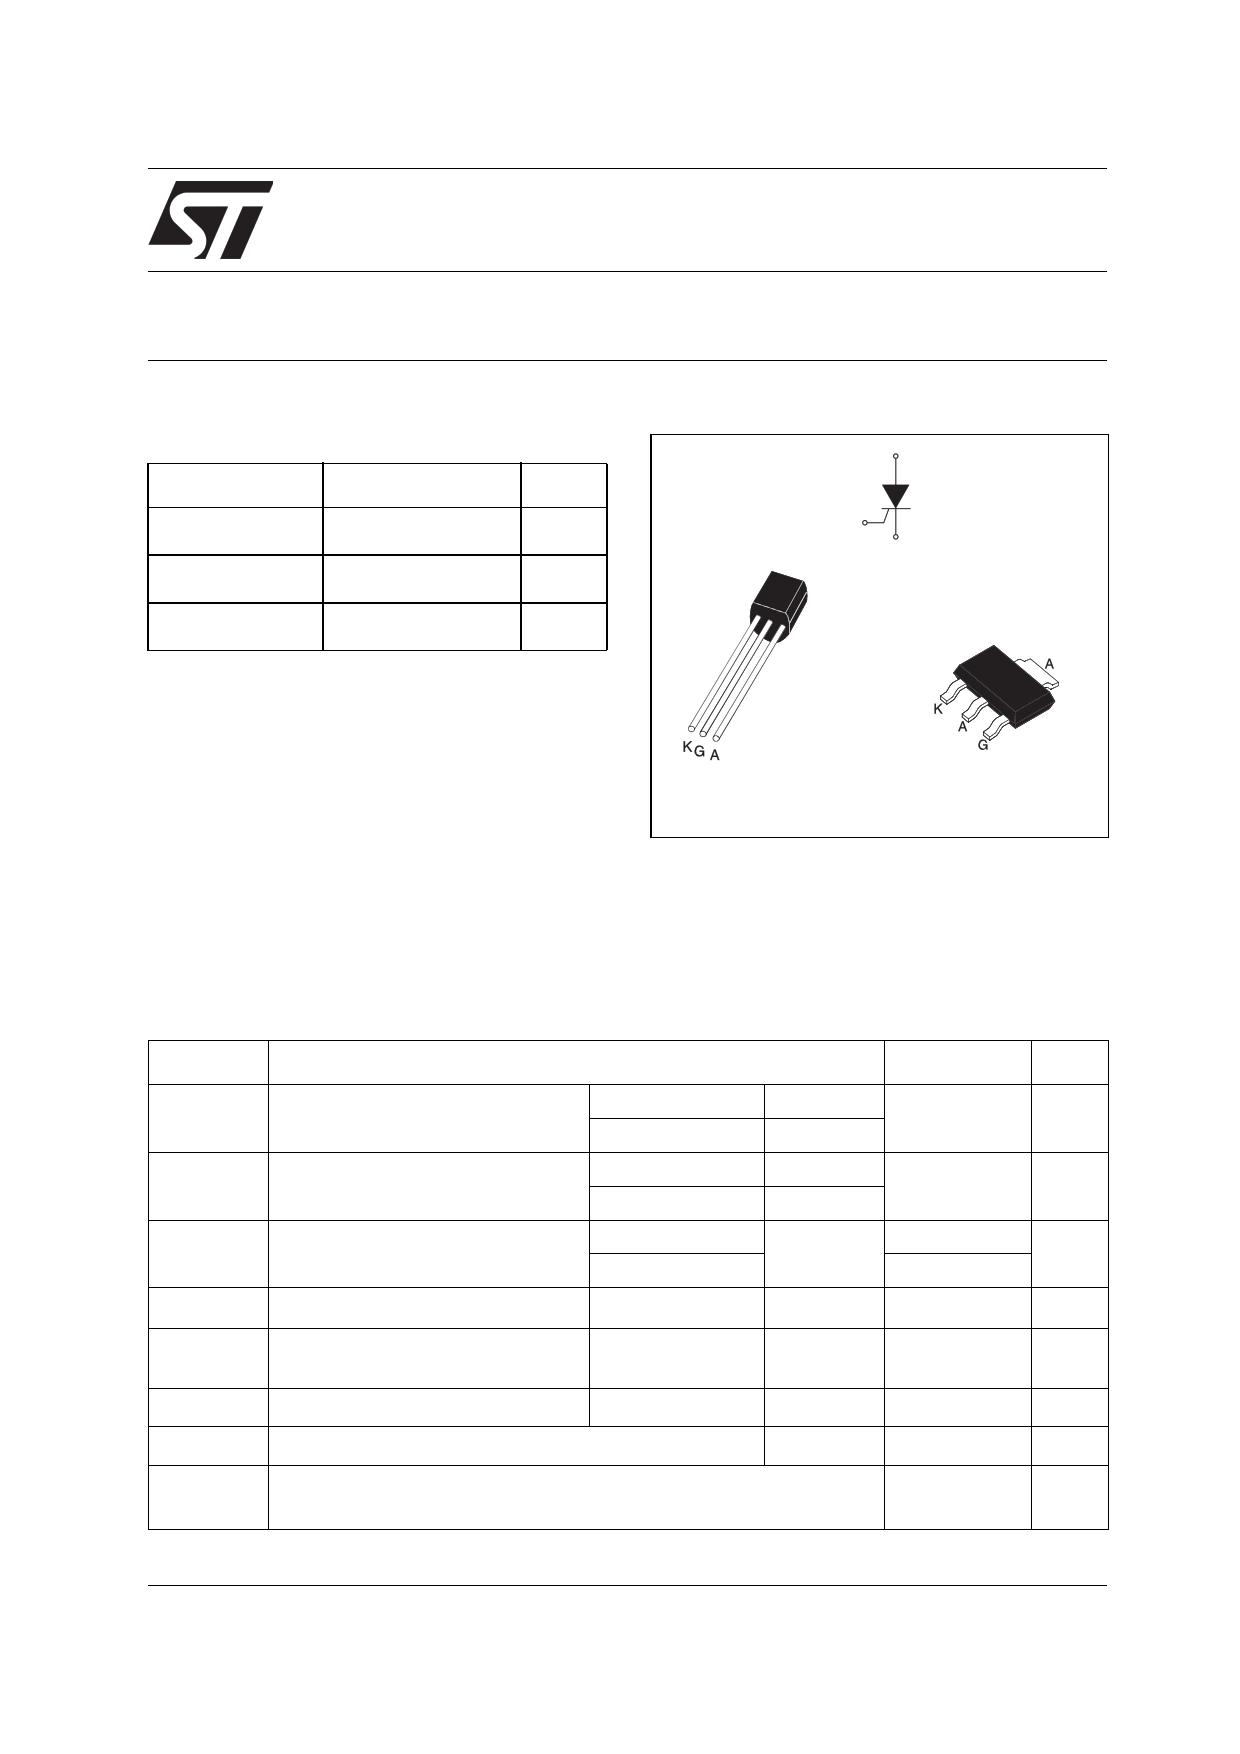 X02 Hoja de datos, Descripción, Manual